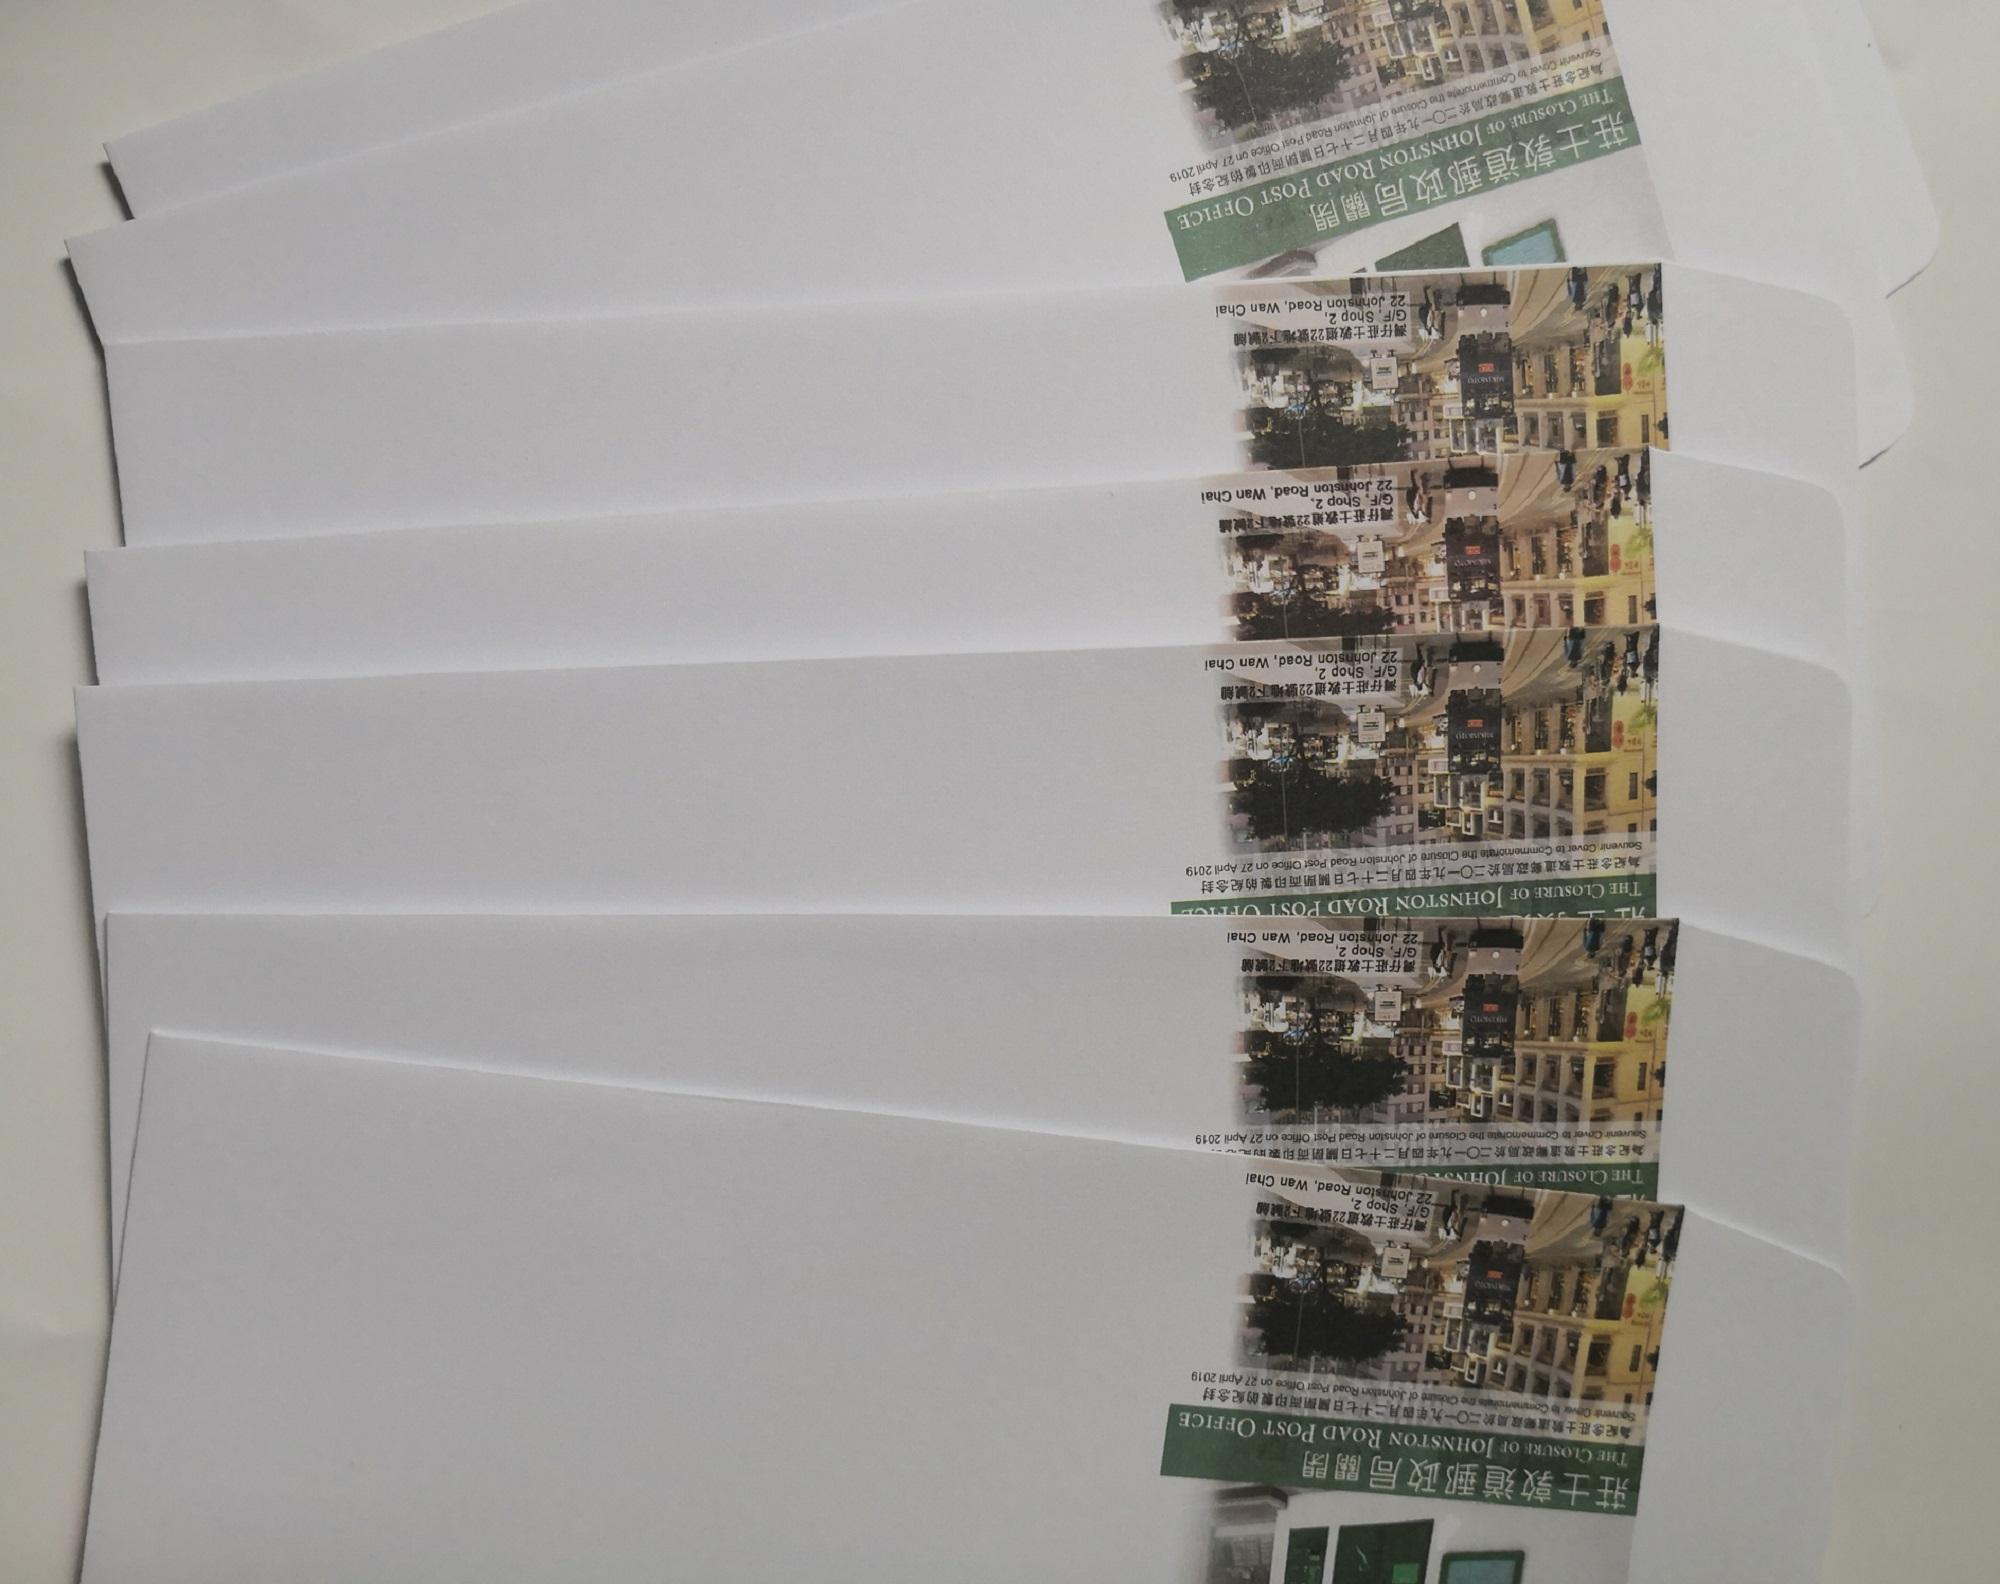 天水增值税信封印刷生产信封厂家低价定制信封